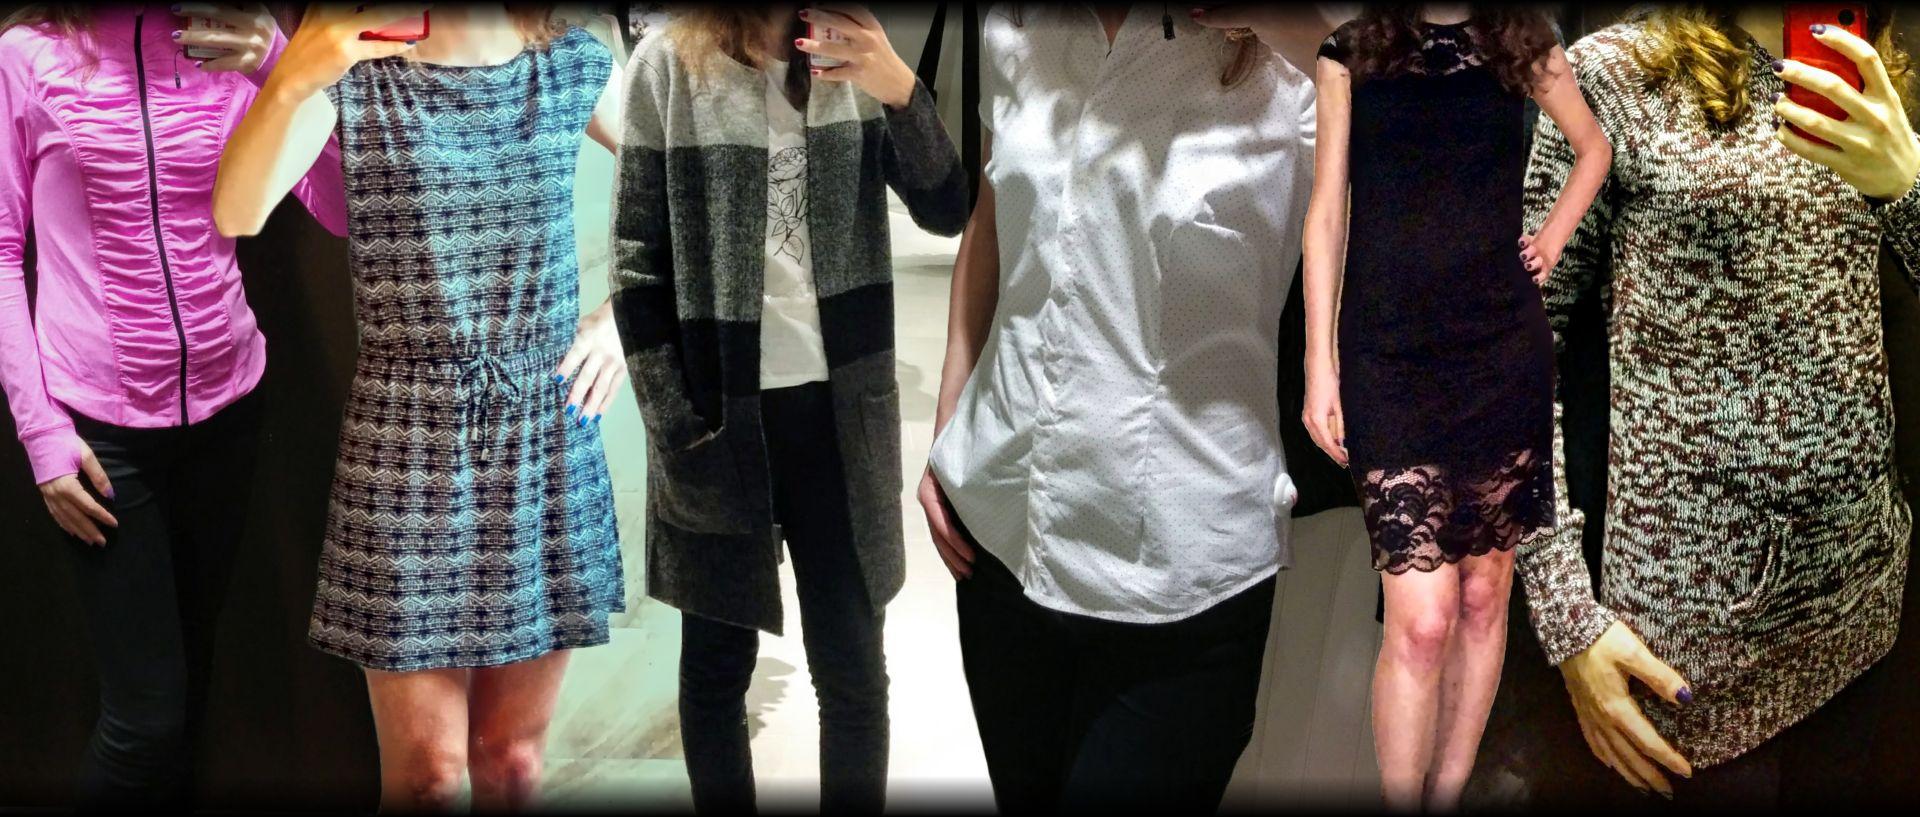 W sześciu osobach - różne ubrania